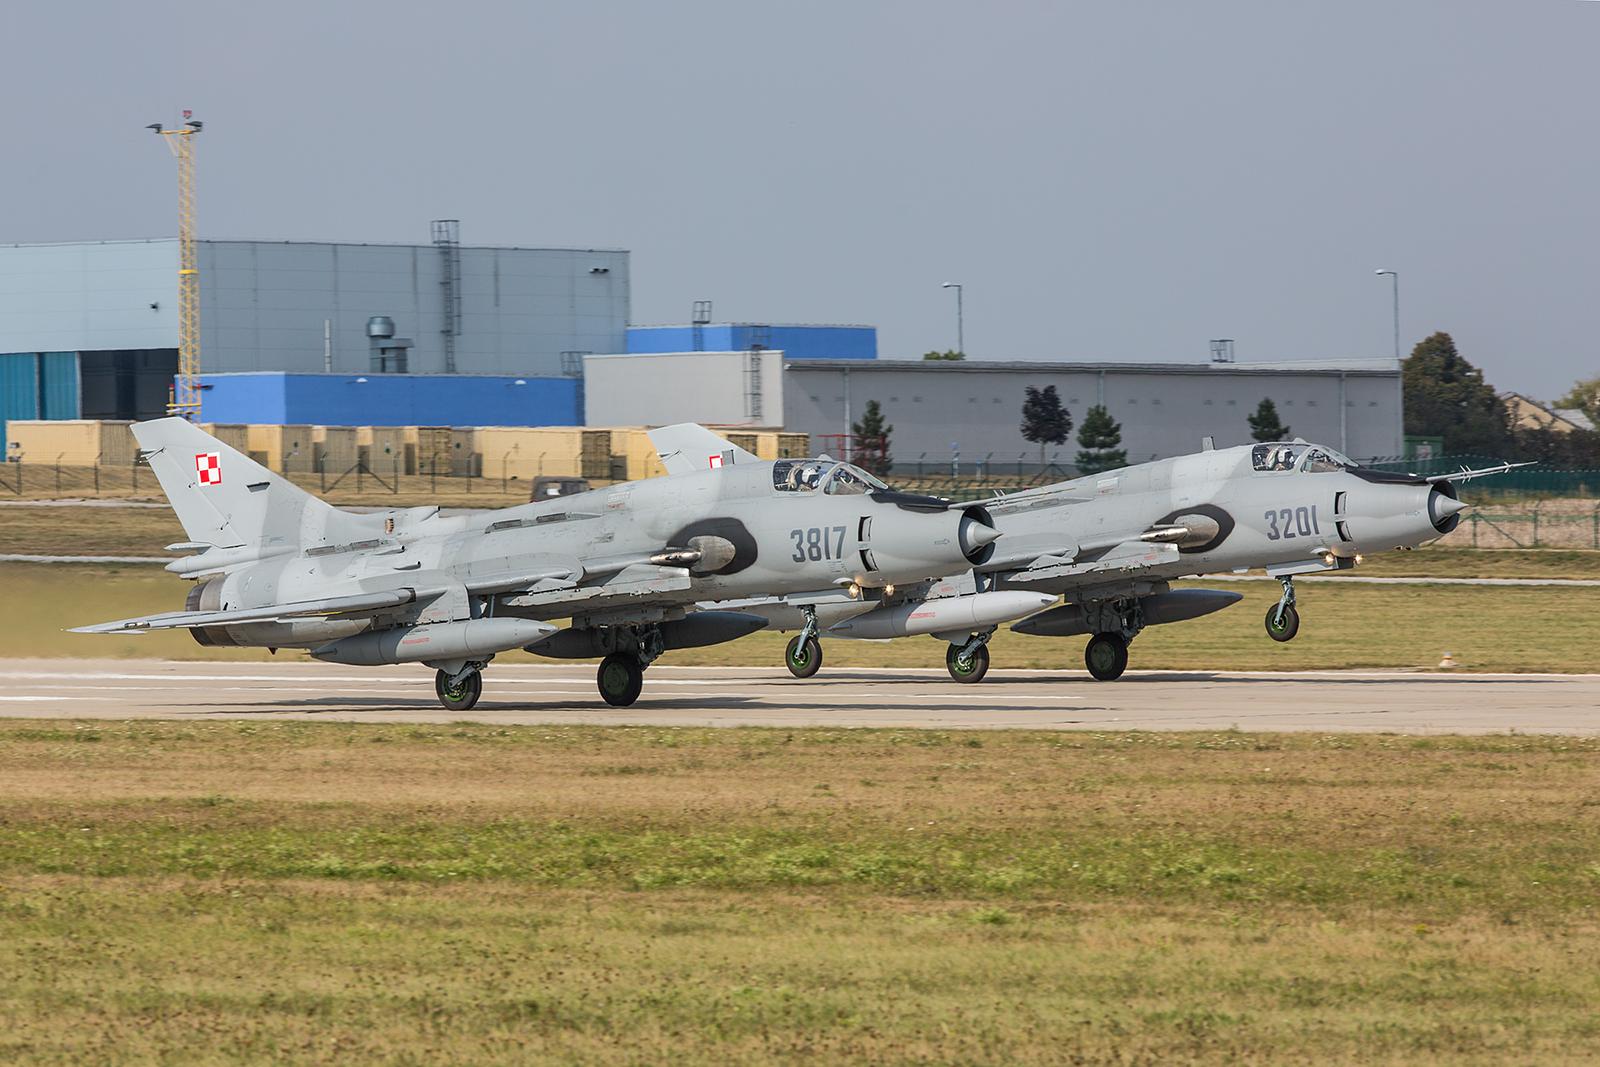 Zwei Su-22 aus Swidwin beim Start.